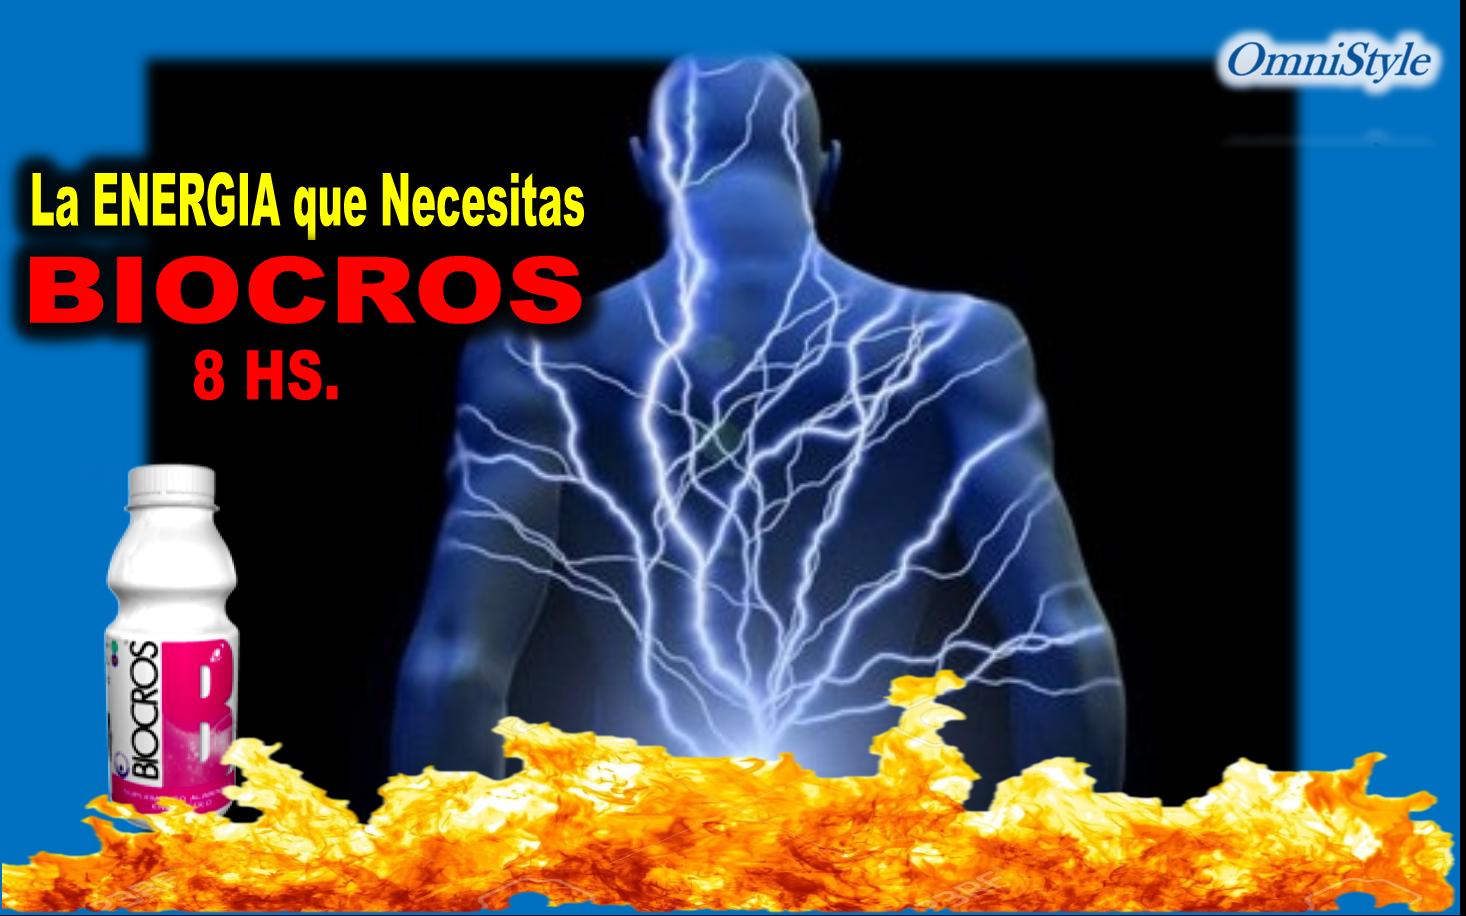 BIOCROS ENERGIZANTE - SUPLEMENTO ORGÁNICO MICELIZADO  REACTIVATE !! Pedidos 0982 399 668 Asuncion - Paraguay